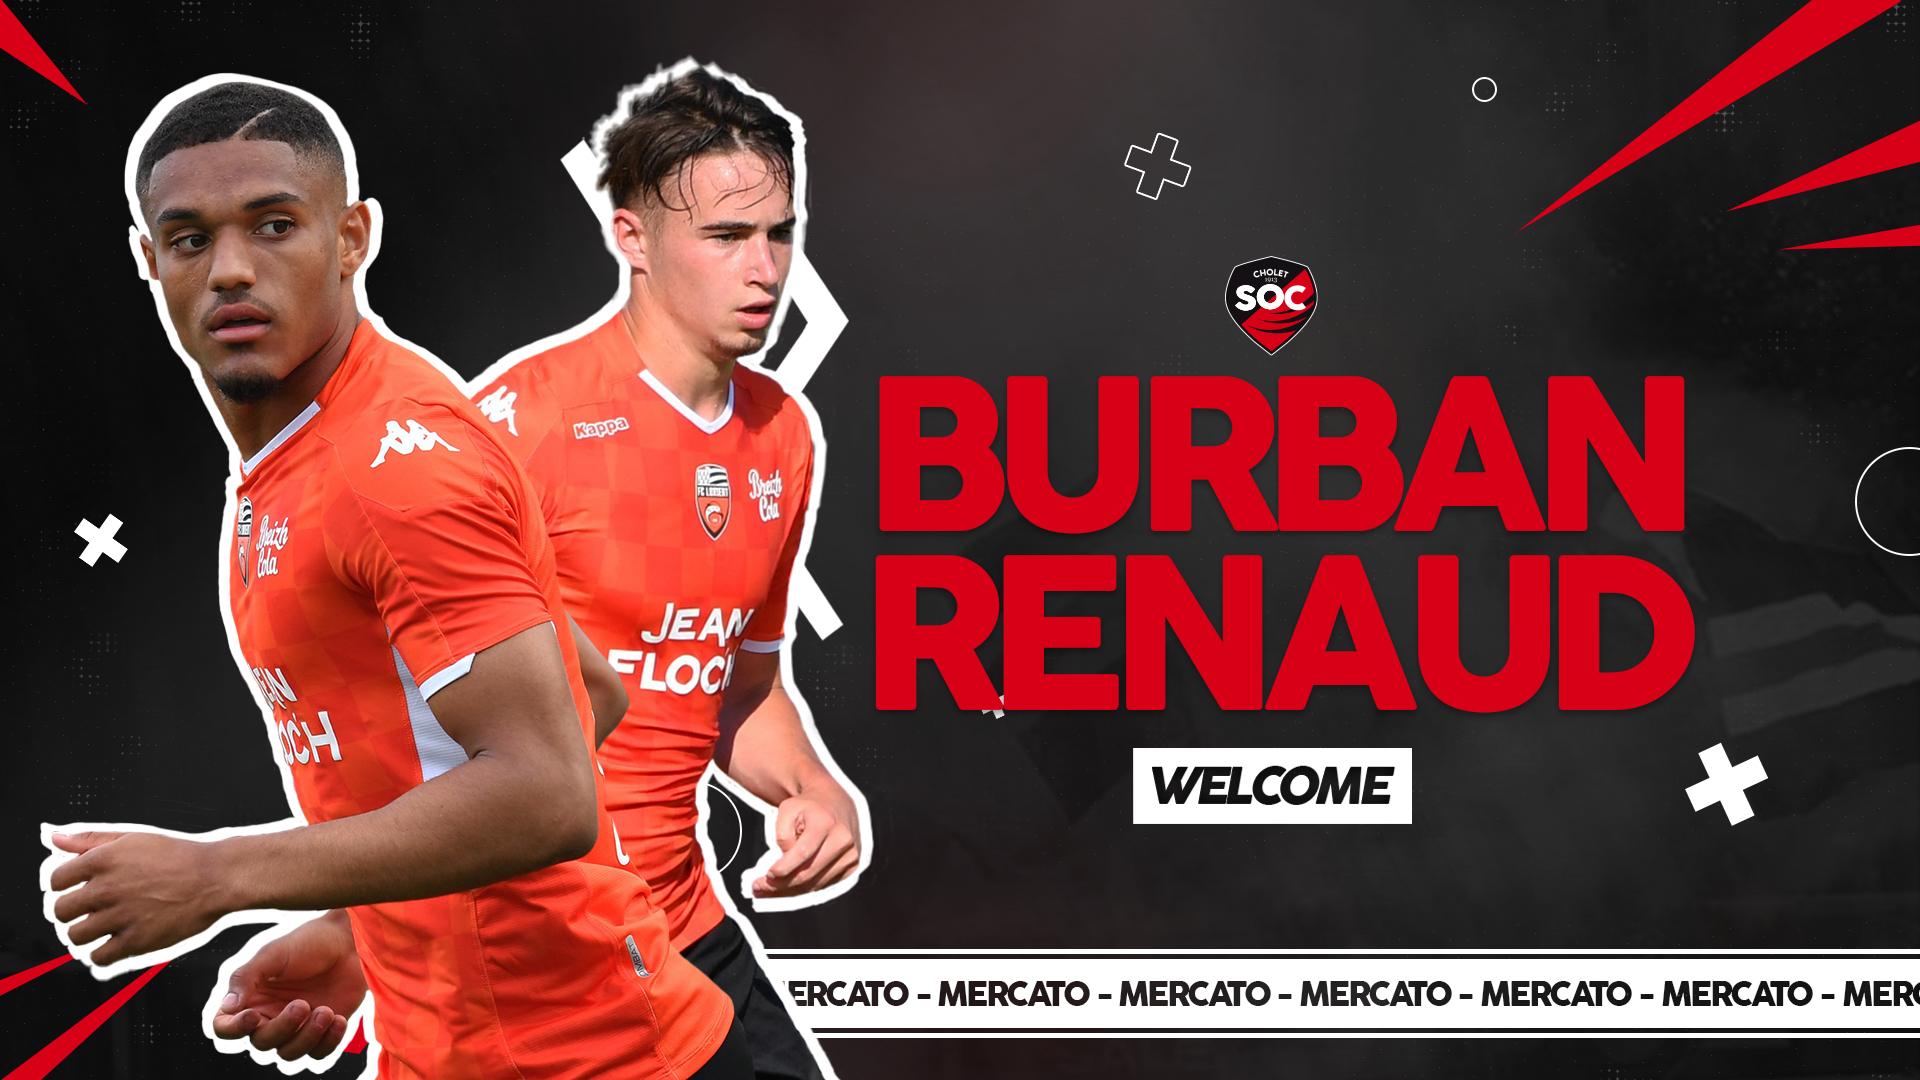 Burban Renaud Recrutement